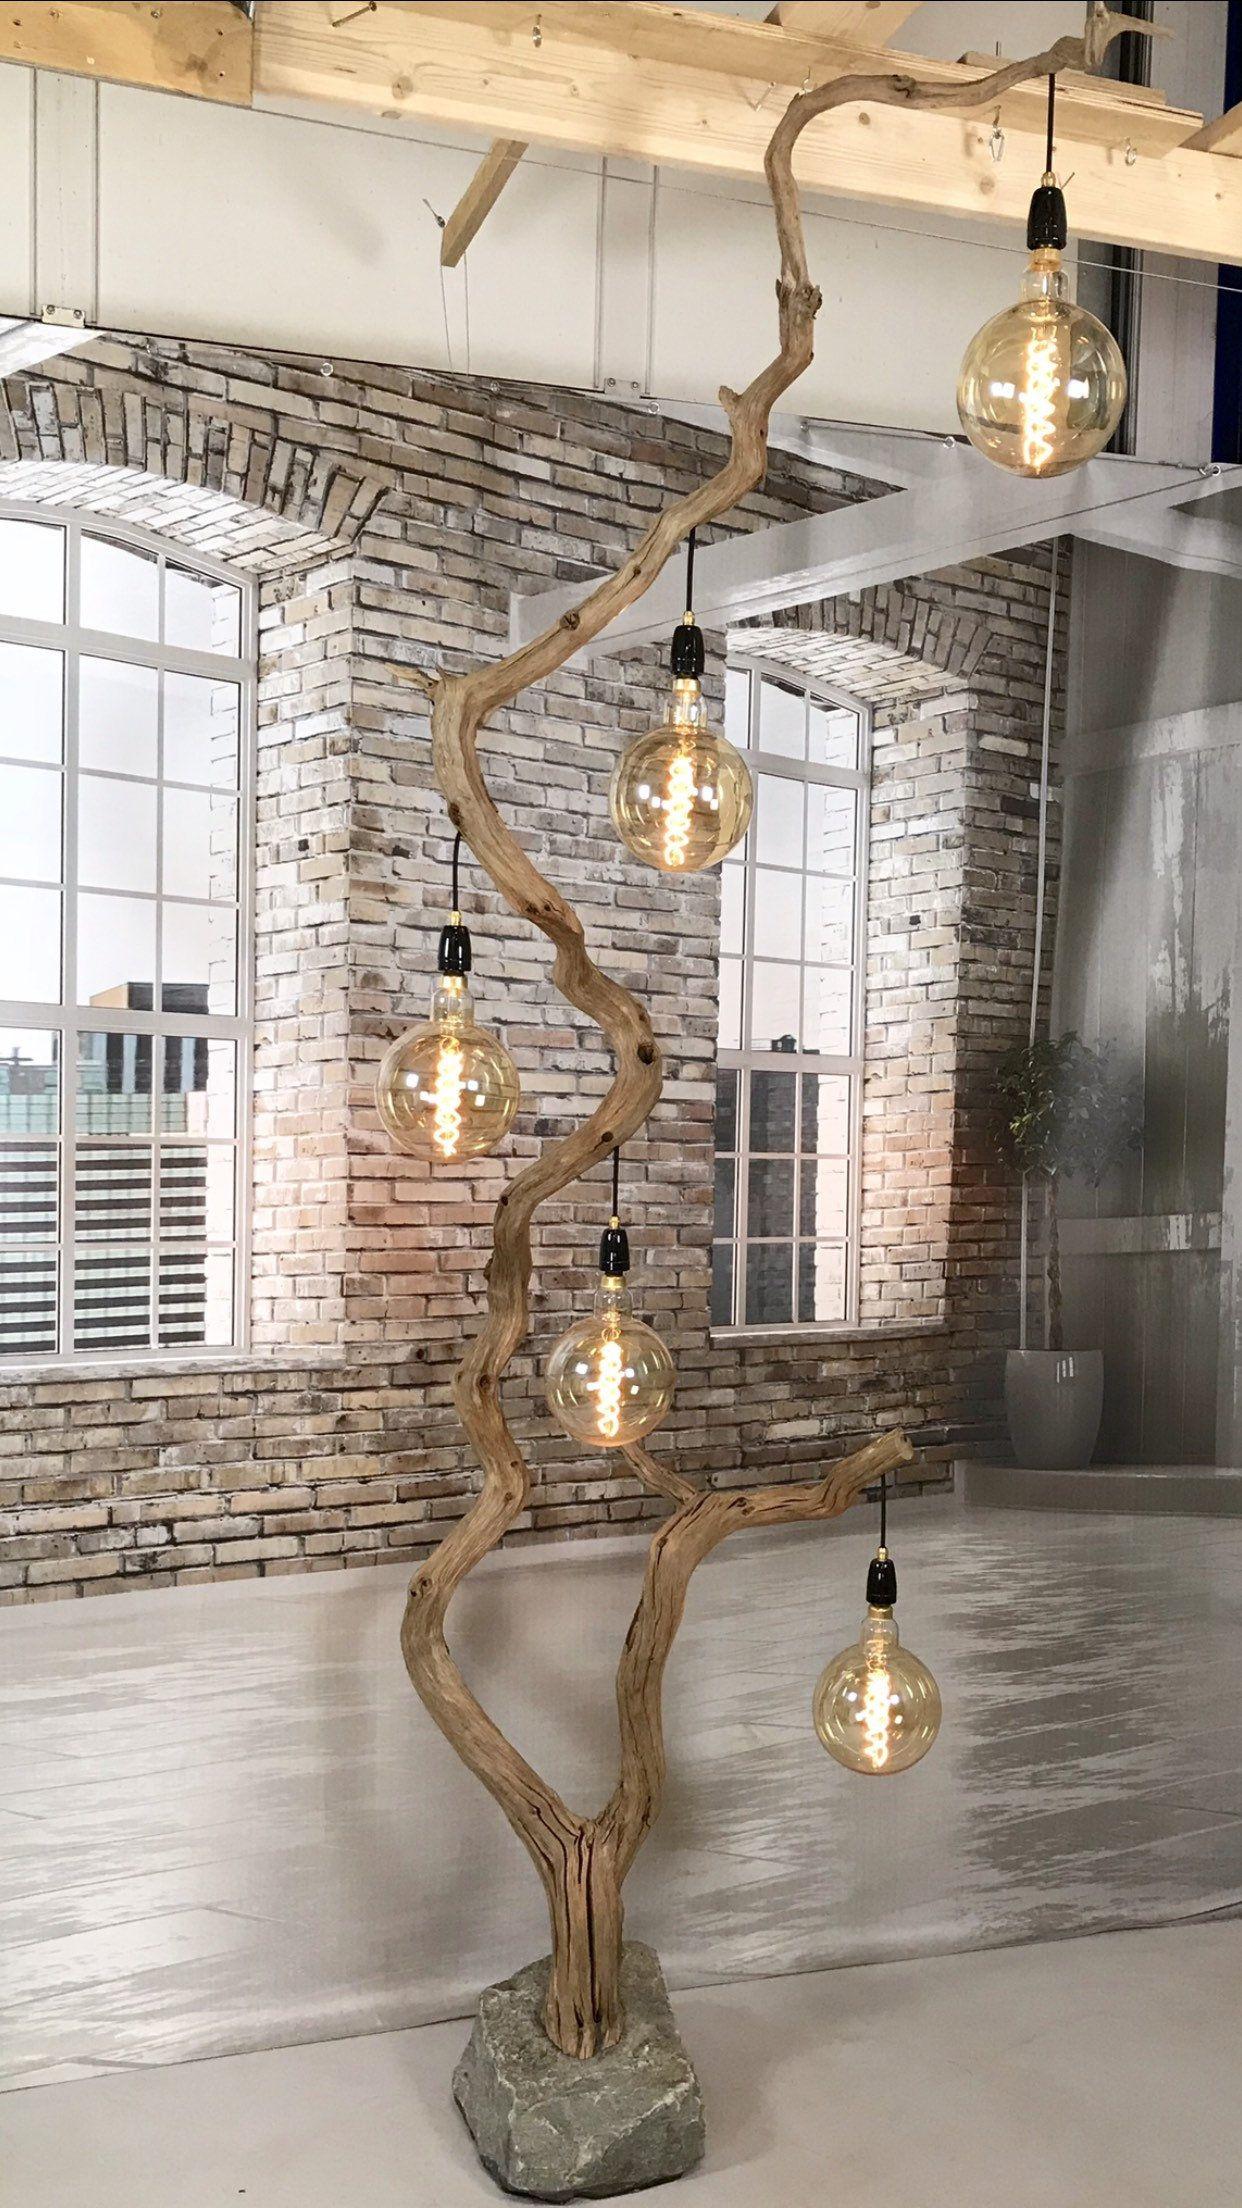 Floor Lamp Of Crooked Old Oak Branch Etsy Lampara Colgante De Madera Decoraciones Del Hogar Decoración Barata Del Hogar